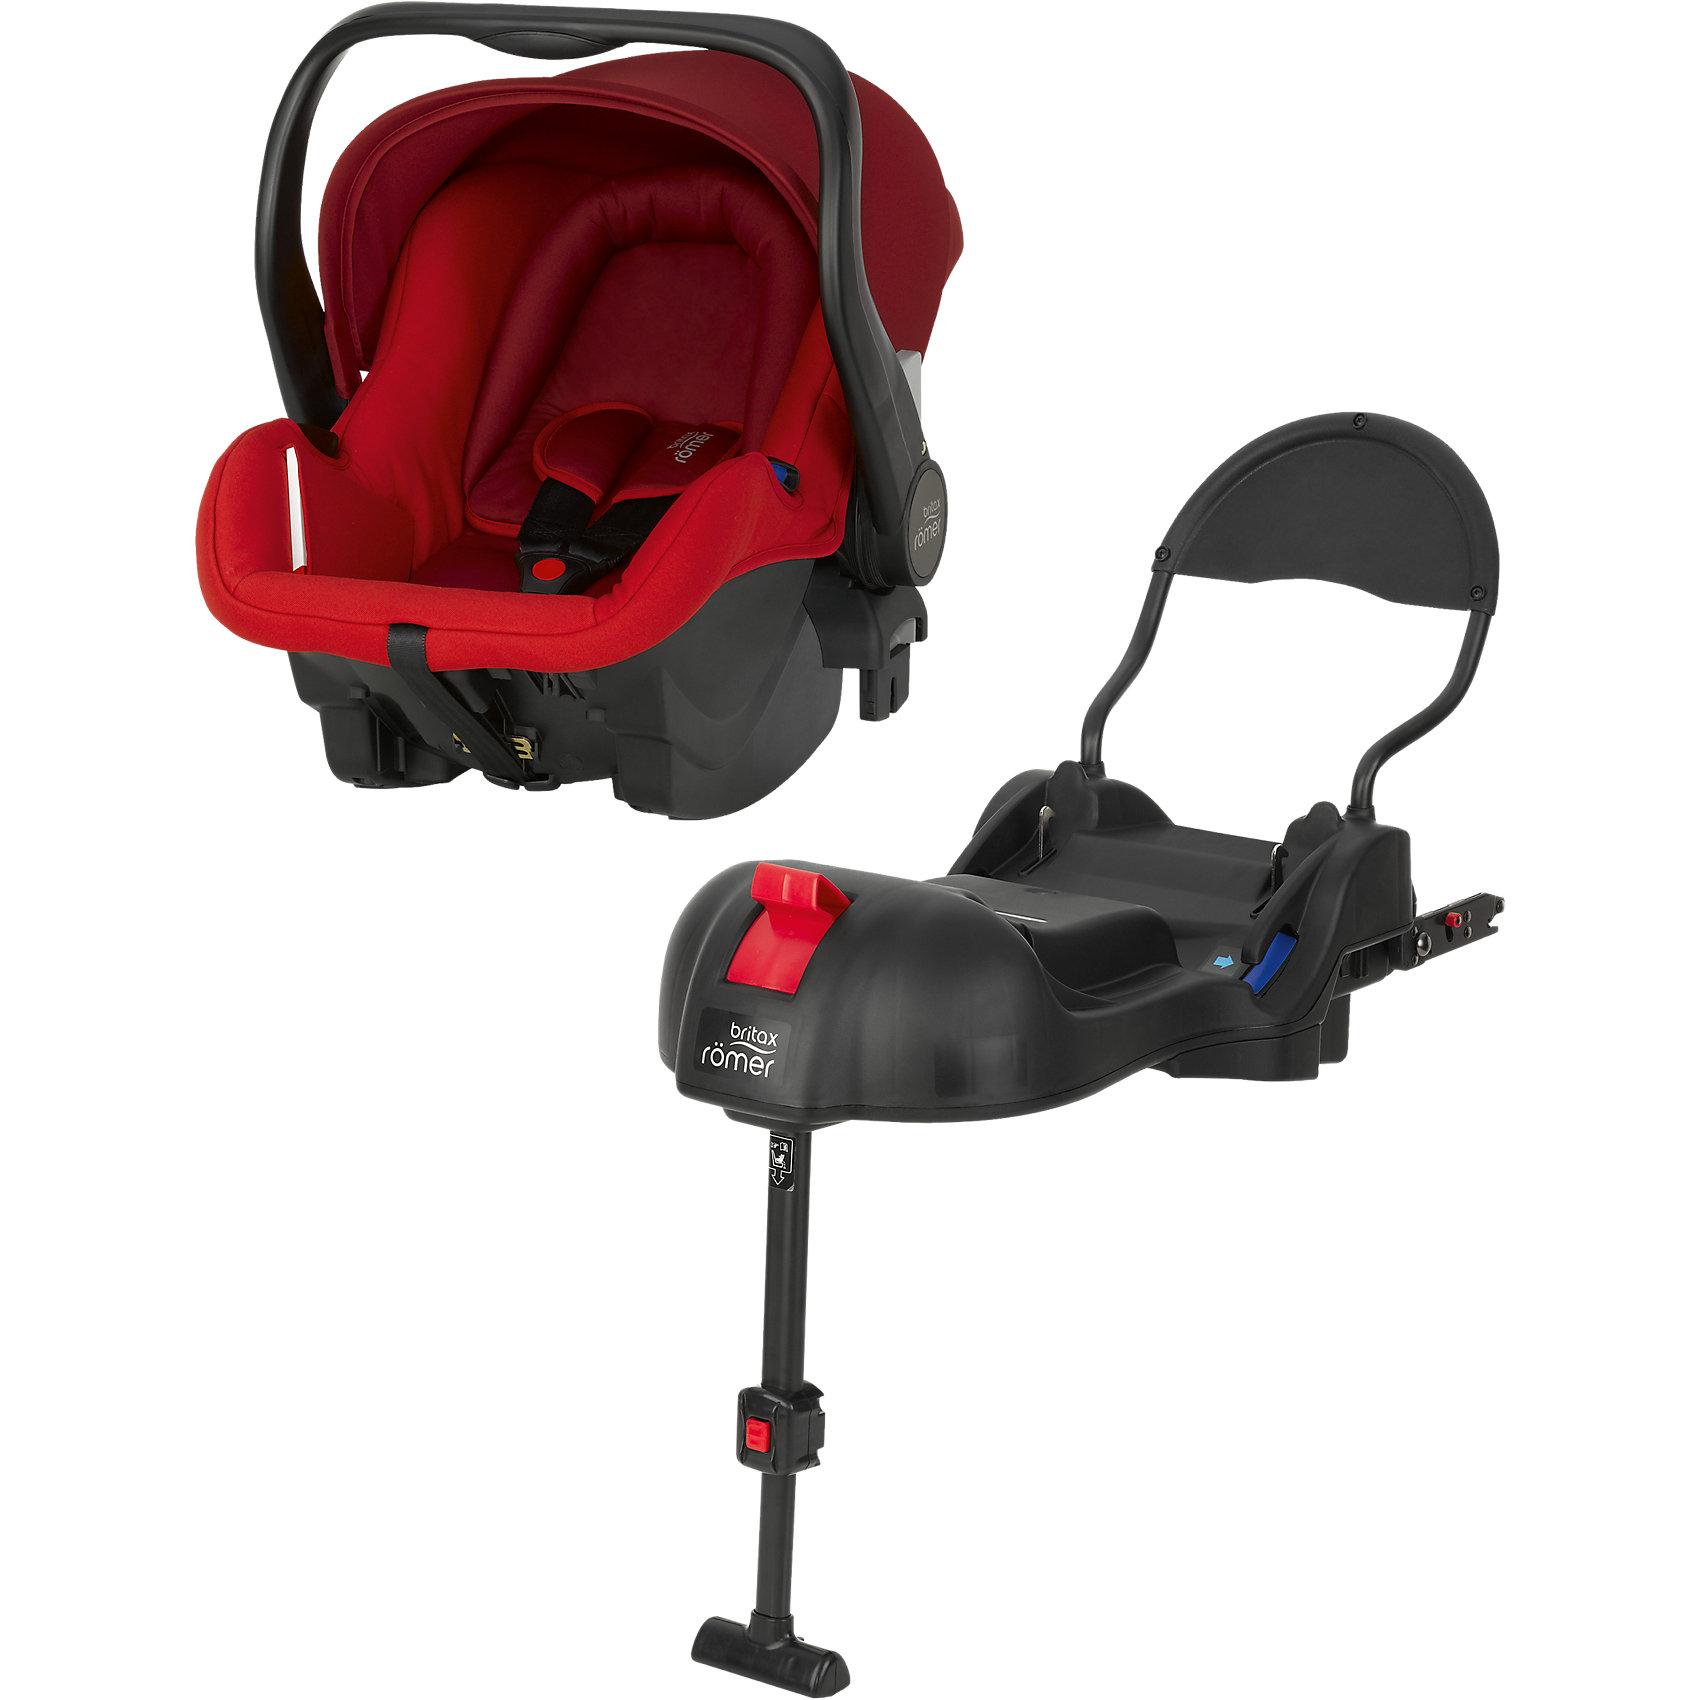 Автокресло PRIMO 0-13 кг., Britax R?mer, Flame Red Trendline + базаКомплект: автолюлька для детей от 0 до 13 кг и база PRIMO. <br><br>Особенности автокресла Primo: <br>Внутренний 3-точечный ремень безопасности регулируется всего одним движением руки.<br>Специальный вкладыш для новорожденных, состоящий из 2 частей (подголовника с мягкими бортиками и подушки под спину), обеспечивает комфорт и безопасность во время сна. При необходимости вынимается, увеличивая свободное пространство внутри автокресла. Совместимость с детскими колясками BRITAX, оснащенными механизмом CLICK &amp; GO. Съемный капор для защиты от солнца и ветра с защитой от УФ-излучения 50+. Эргономичная ручка для переноски: для ношения и использования в авто; для укладывания ребенка; для надежной установки за пределами автомобиля. Быстросъемный моющийся чехол с мягкой подкладкой, не требующий расцепления ремня безопасности. Изогнутое основание для укачивания или кормления. Глубокие боковины с мягкой обивкой и плечевые накладки на внутренних ремнях для еще большего комфорта ребенка. Быстрая и простая установка с помощью 3-точечного ремня безопасности автомобиля или специальной базы PRIMO. Вес: 4,7 кг. Габариты: 66 - 82 х 32,5 х 70 см<br>Особенности базы Primo:<br>Легко регулируемая опора придает дополнительную устойчивость конструкции. Цветовые индикаторы информируют о надежном креплении детского кресла и правильном размещении опоры. Пластина против отскока оптимизирует защитное действие в критической ситуации. Легко складывается для дальнейшего хранения, не занимая много места. База может оставаться в автомобиле. Продается только в комплекте с автолюлькой PRIMO. Крепление с помощью ремня и Isofix.<br><br>Ширина мм: 750<br>Глубина мм: 480<br>Высота мм: 450<br>Вес г: 12274<br>Цвет: красный<br>Возраст от месяцев: 0<br>Возраст до месяцев: 12<br>Пол: Женский<br>Возраст: Детский<br>SKU: 4292288